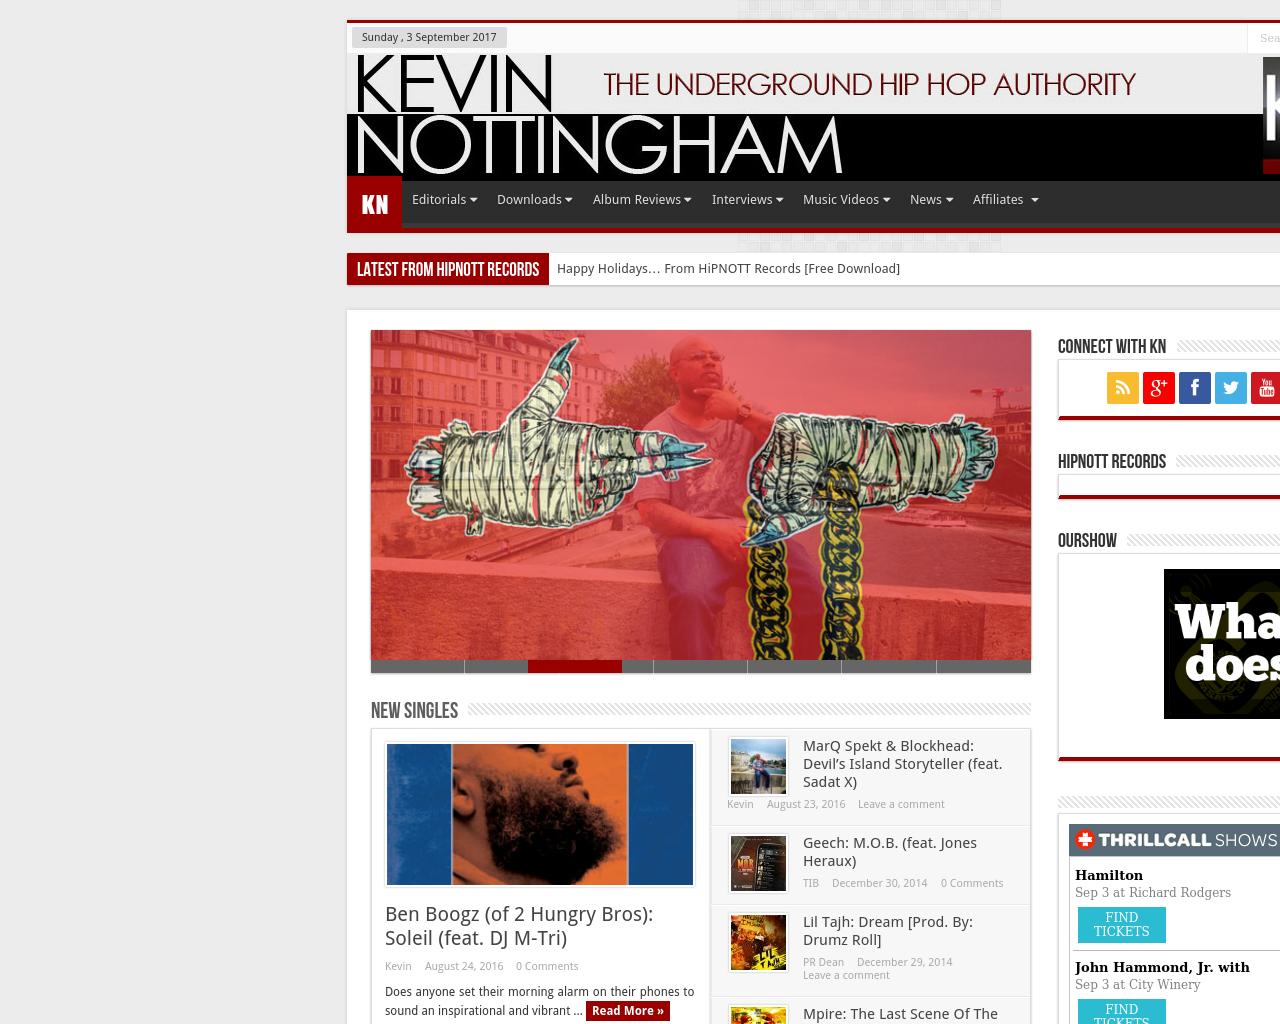 KevinNottingham.com-Advertising-Reviews-Pricing